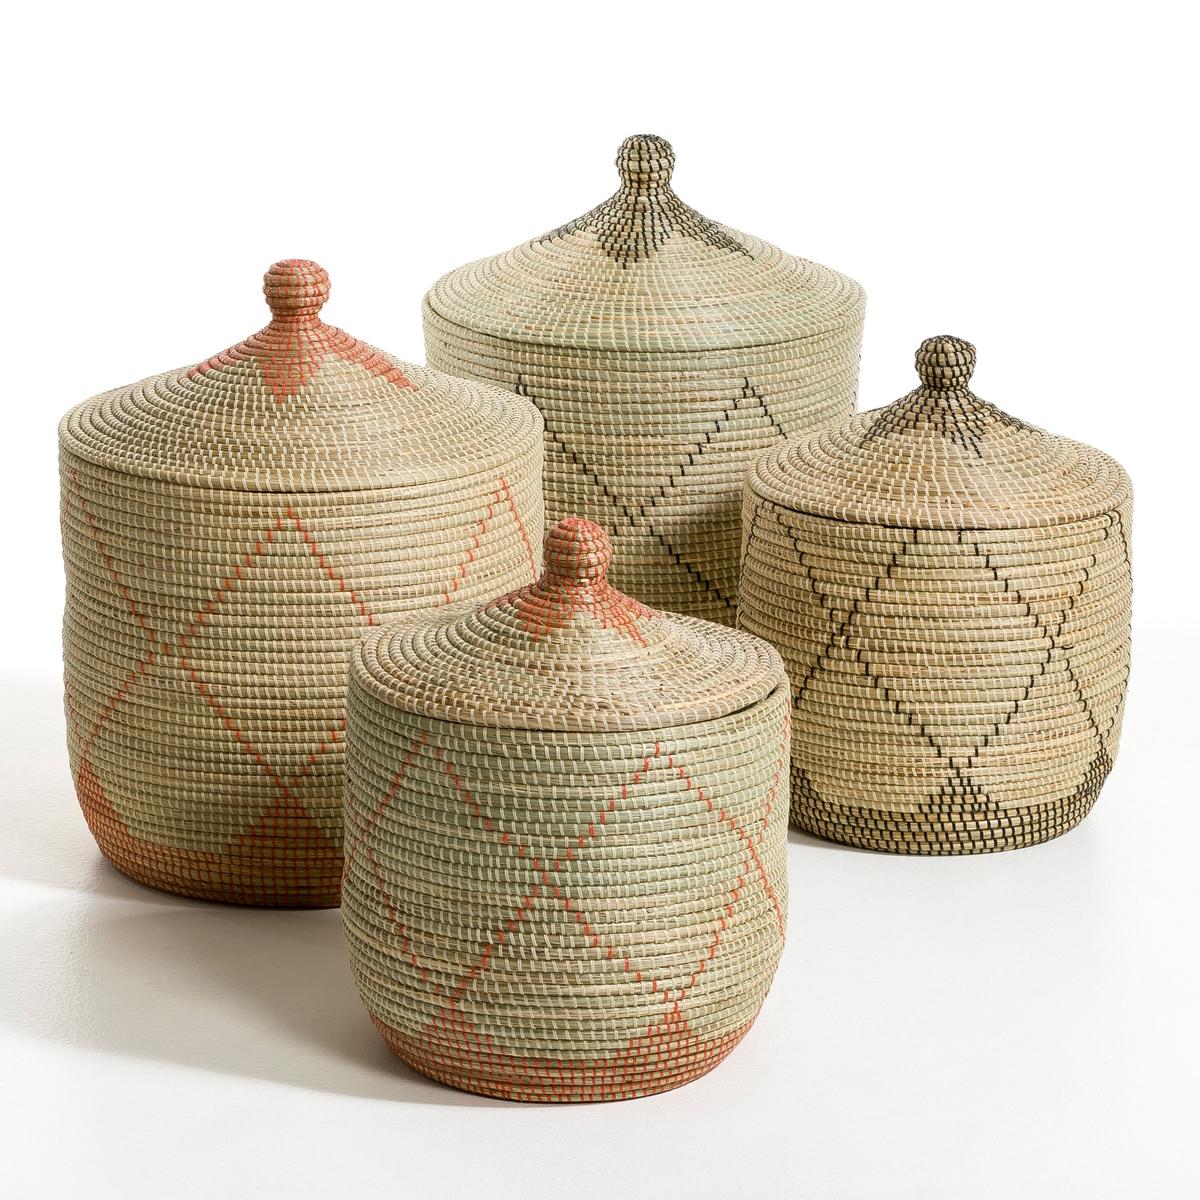 Корзина из рисовой соломы Louna, малая модель, высота 48 см